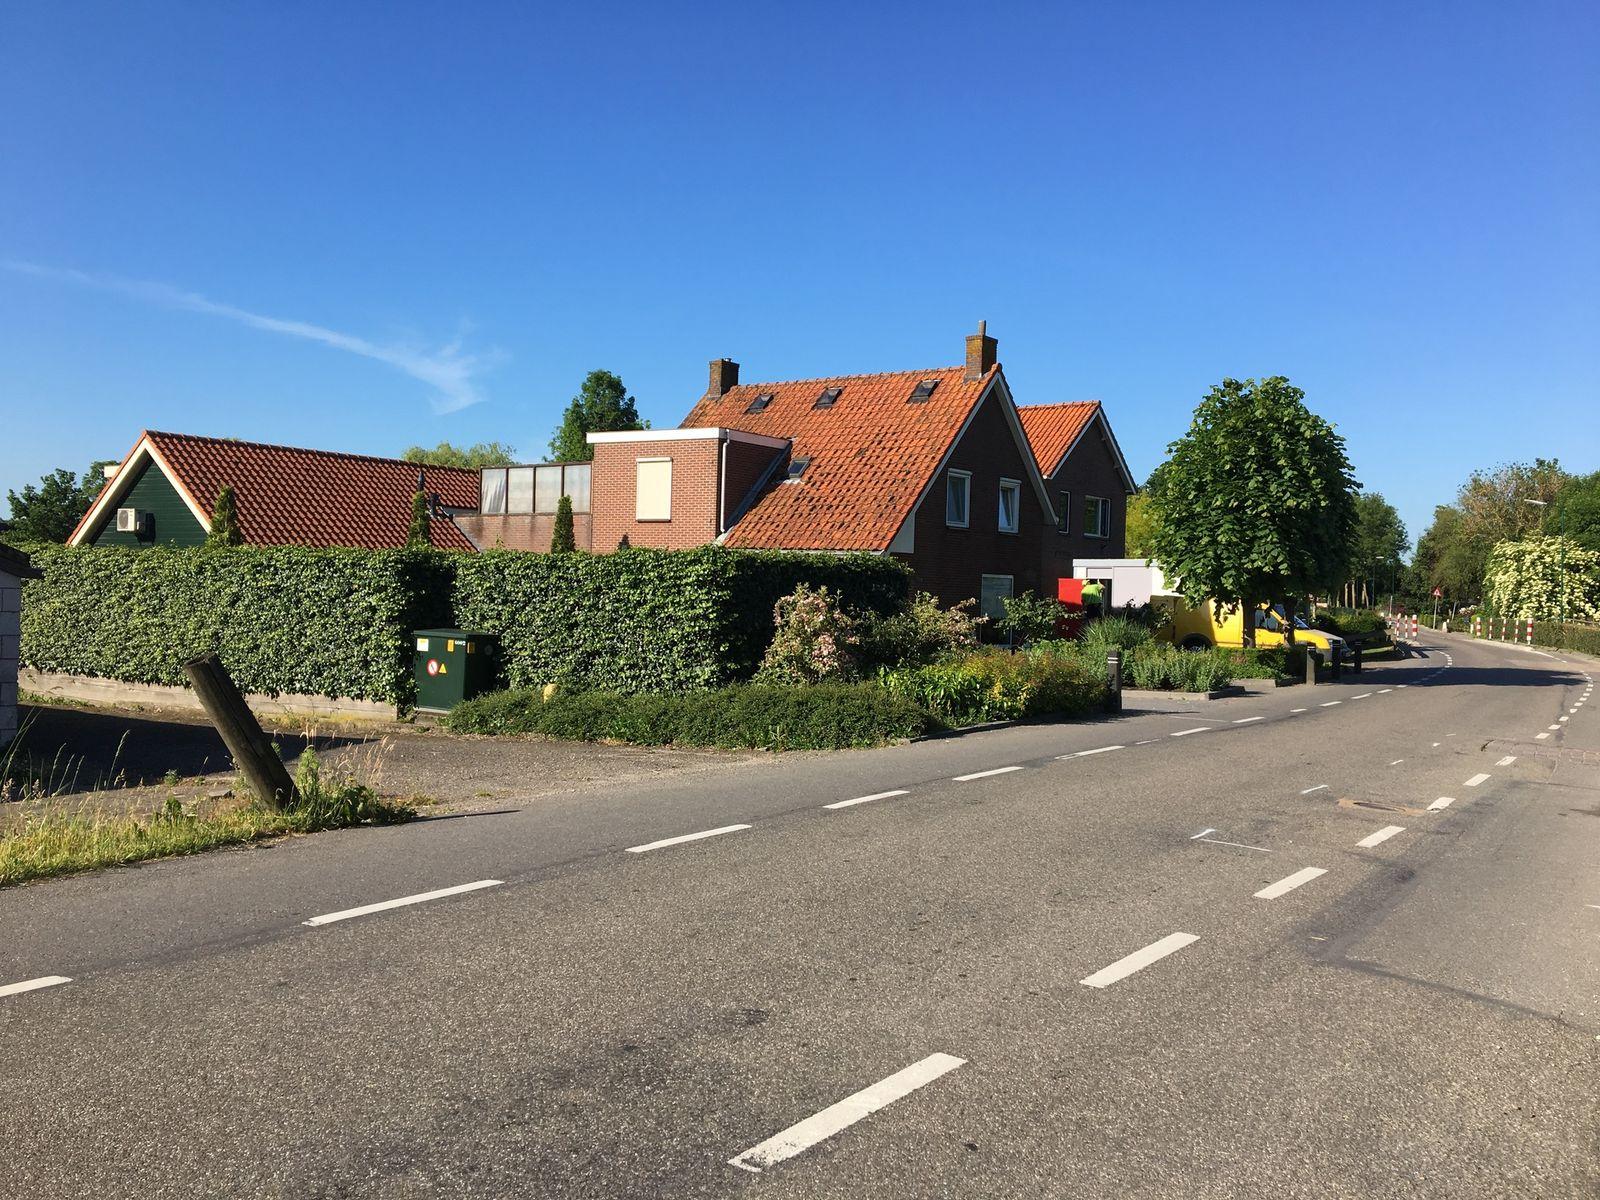 Lindeboomsweg 0-ong, Montfoort